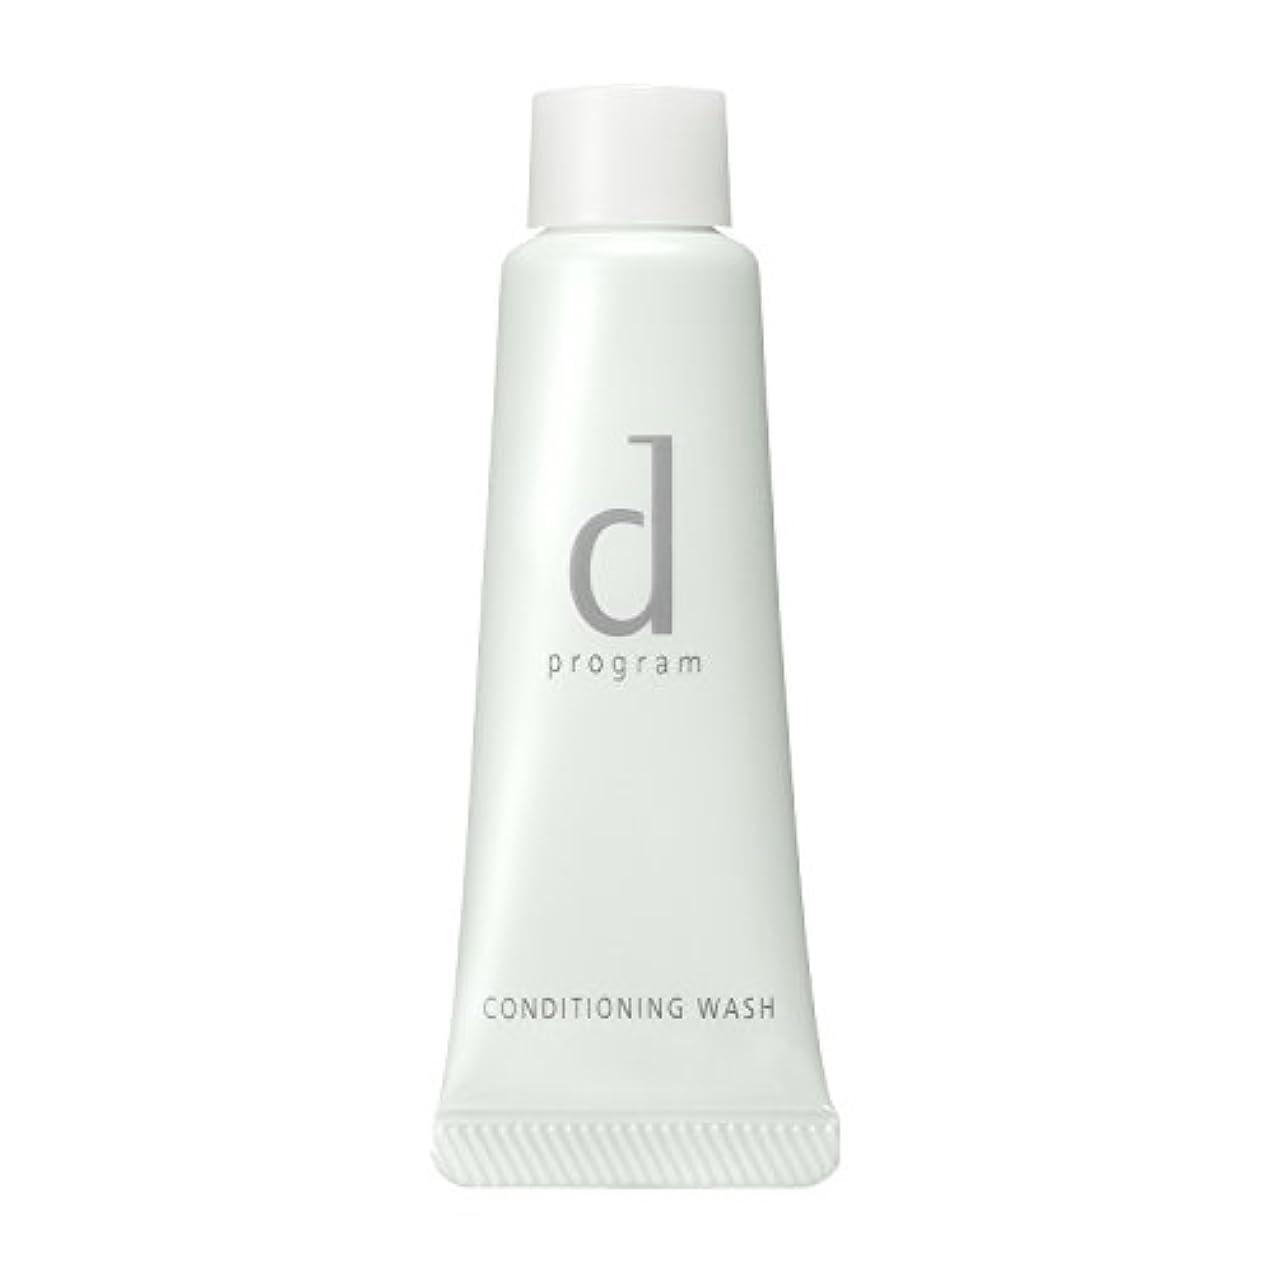 傑作オールストレスの多いd プログラム コンディショニングウォッシュ 洗顔フォーム (トライアルサイズ) 20g